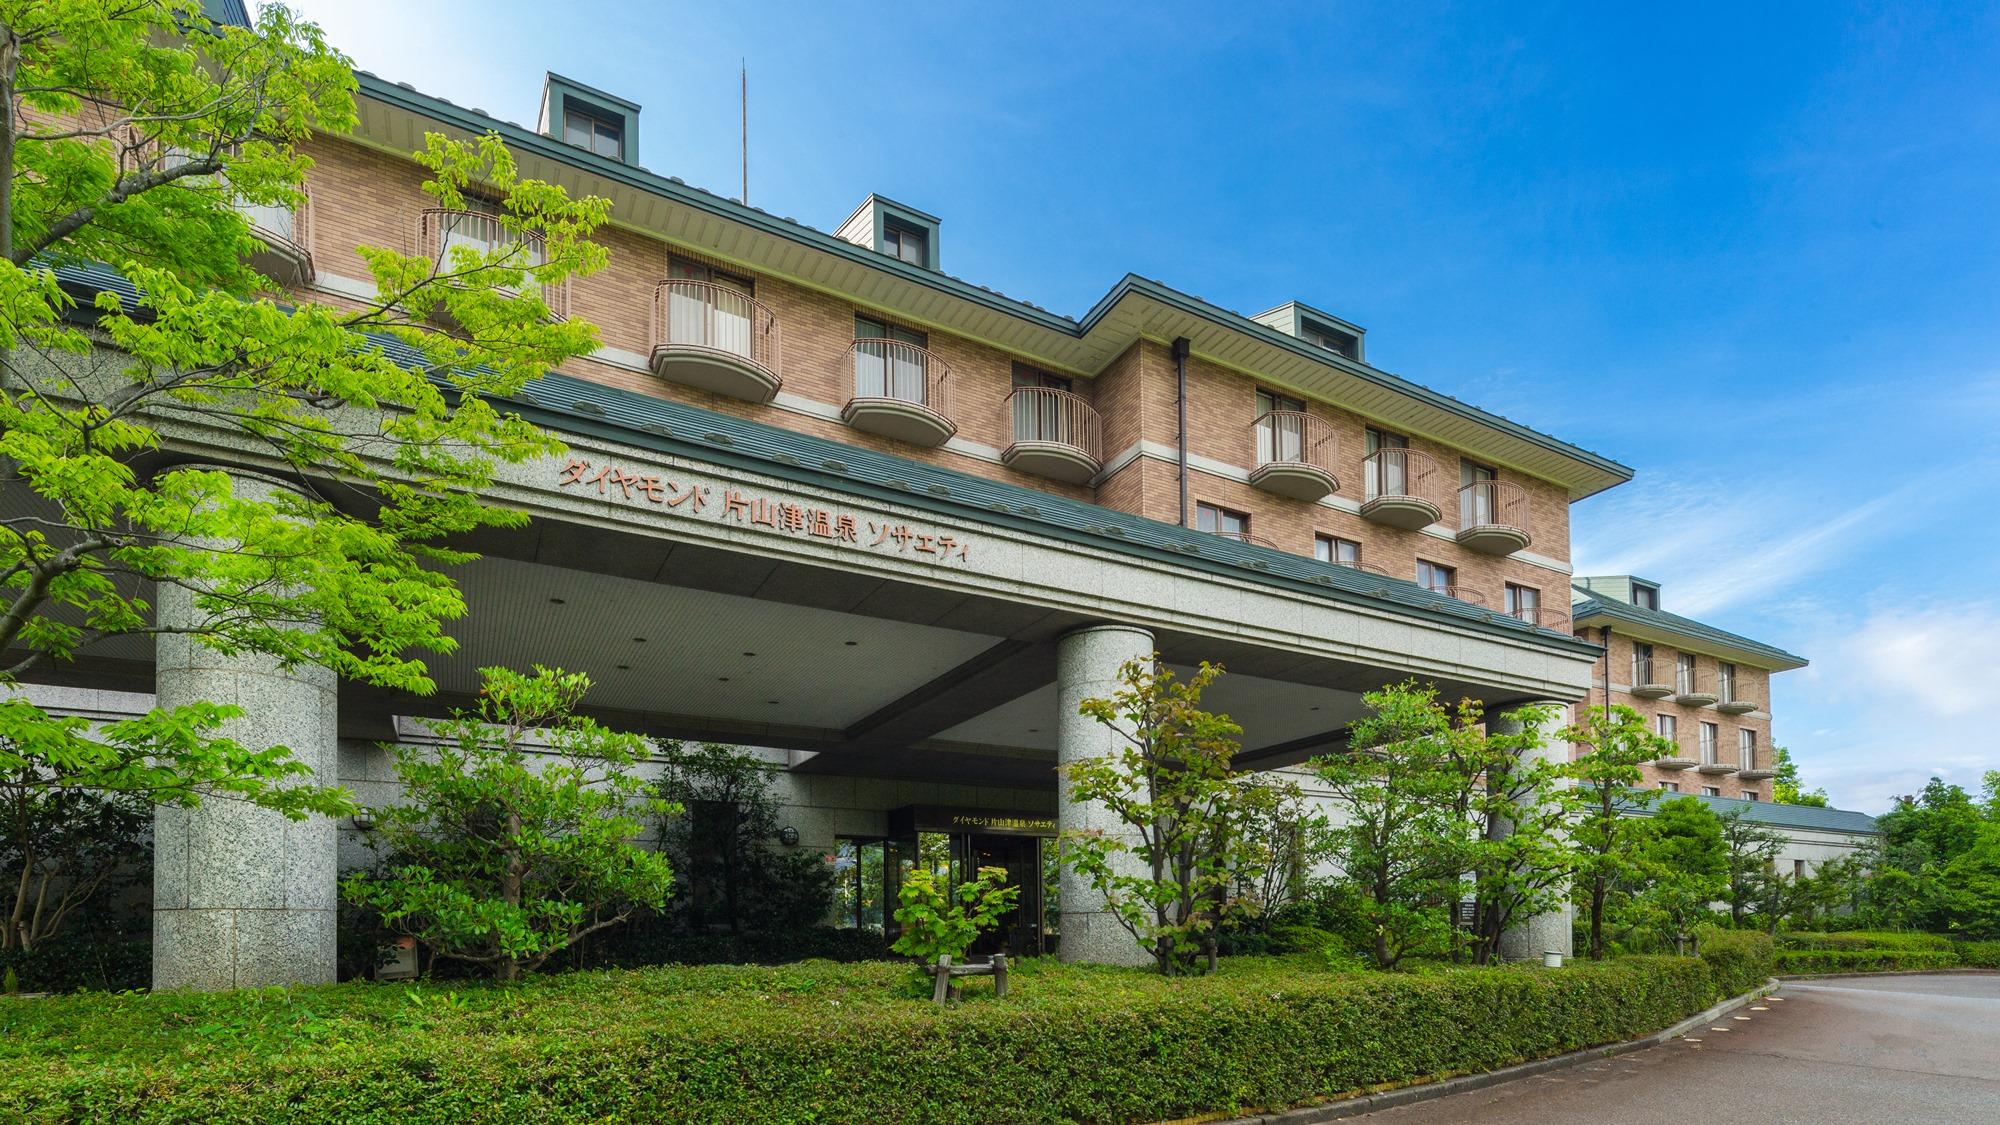 片山津温泉でゴルフパックがある温泉宿